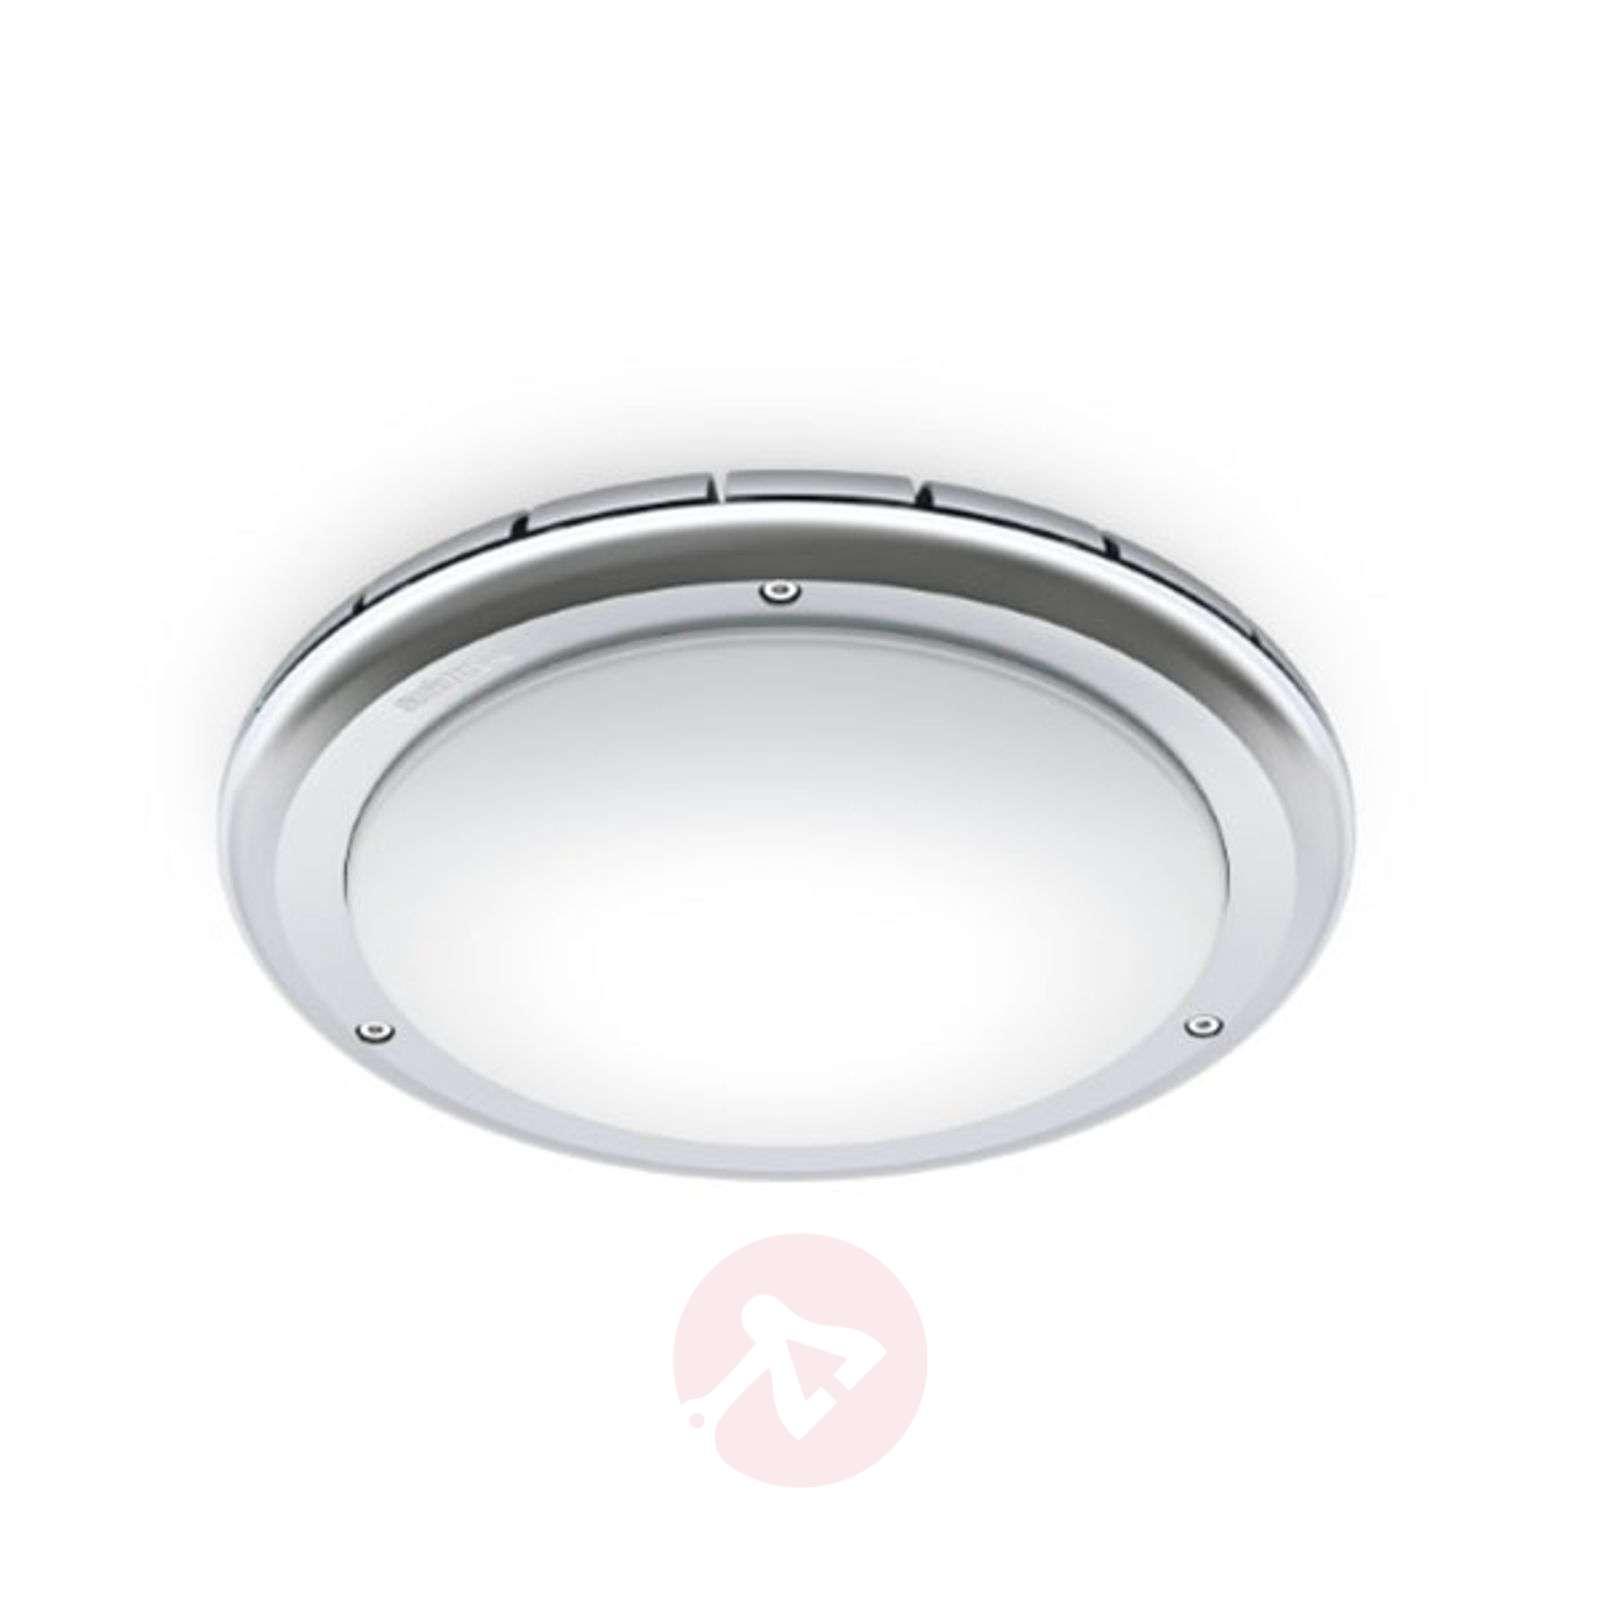 STEINEL RS Pro LED S1 IP65 HF-anturi kattovalaisin-8506070-01